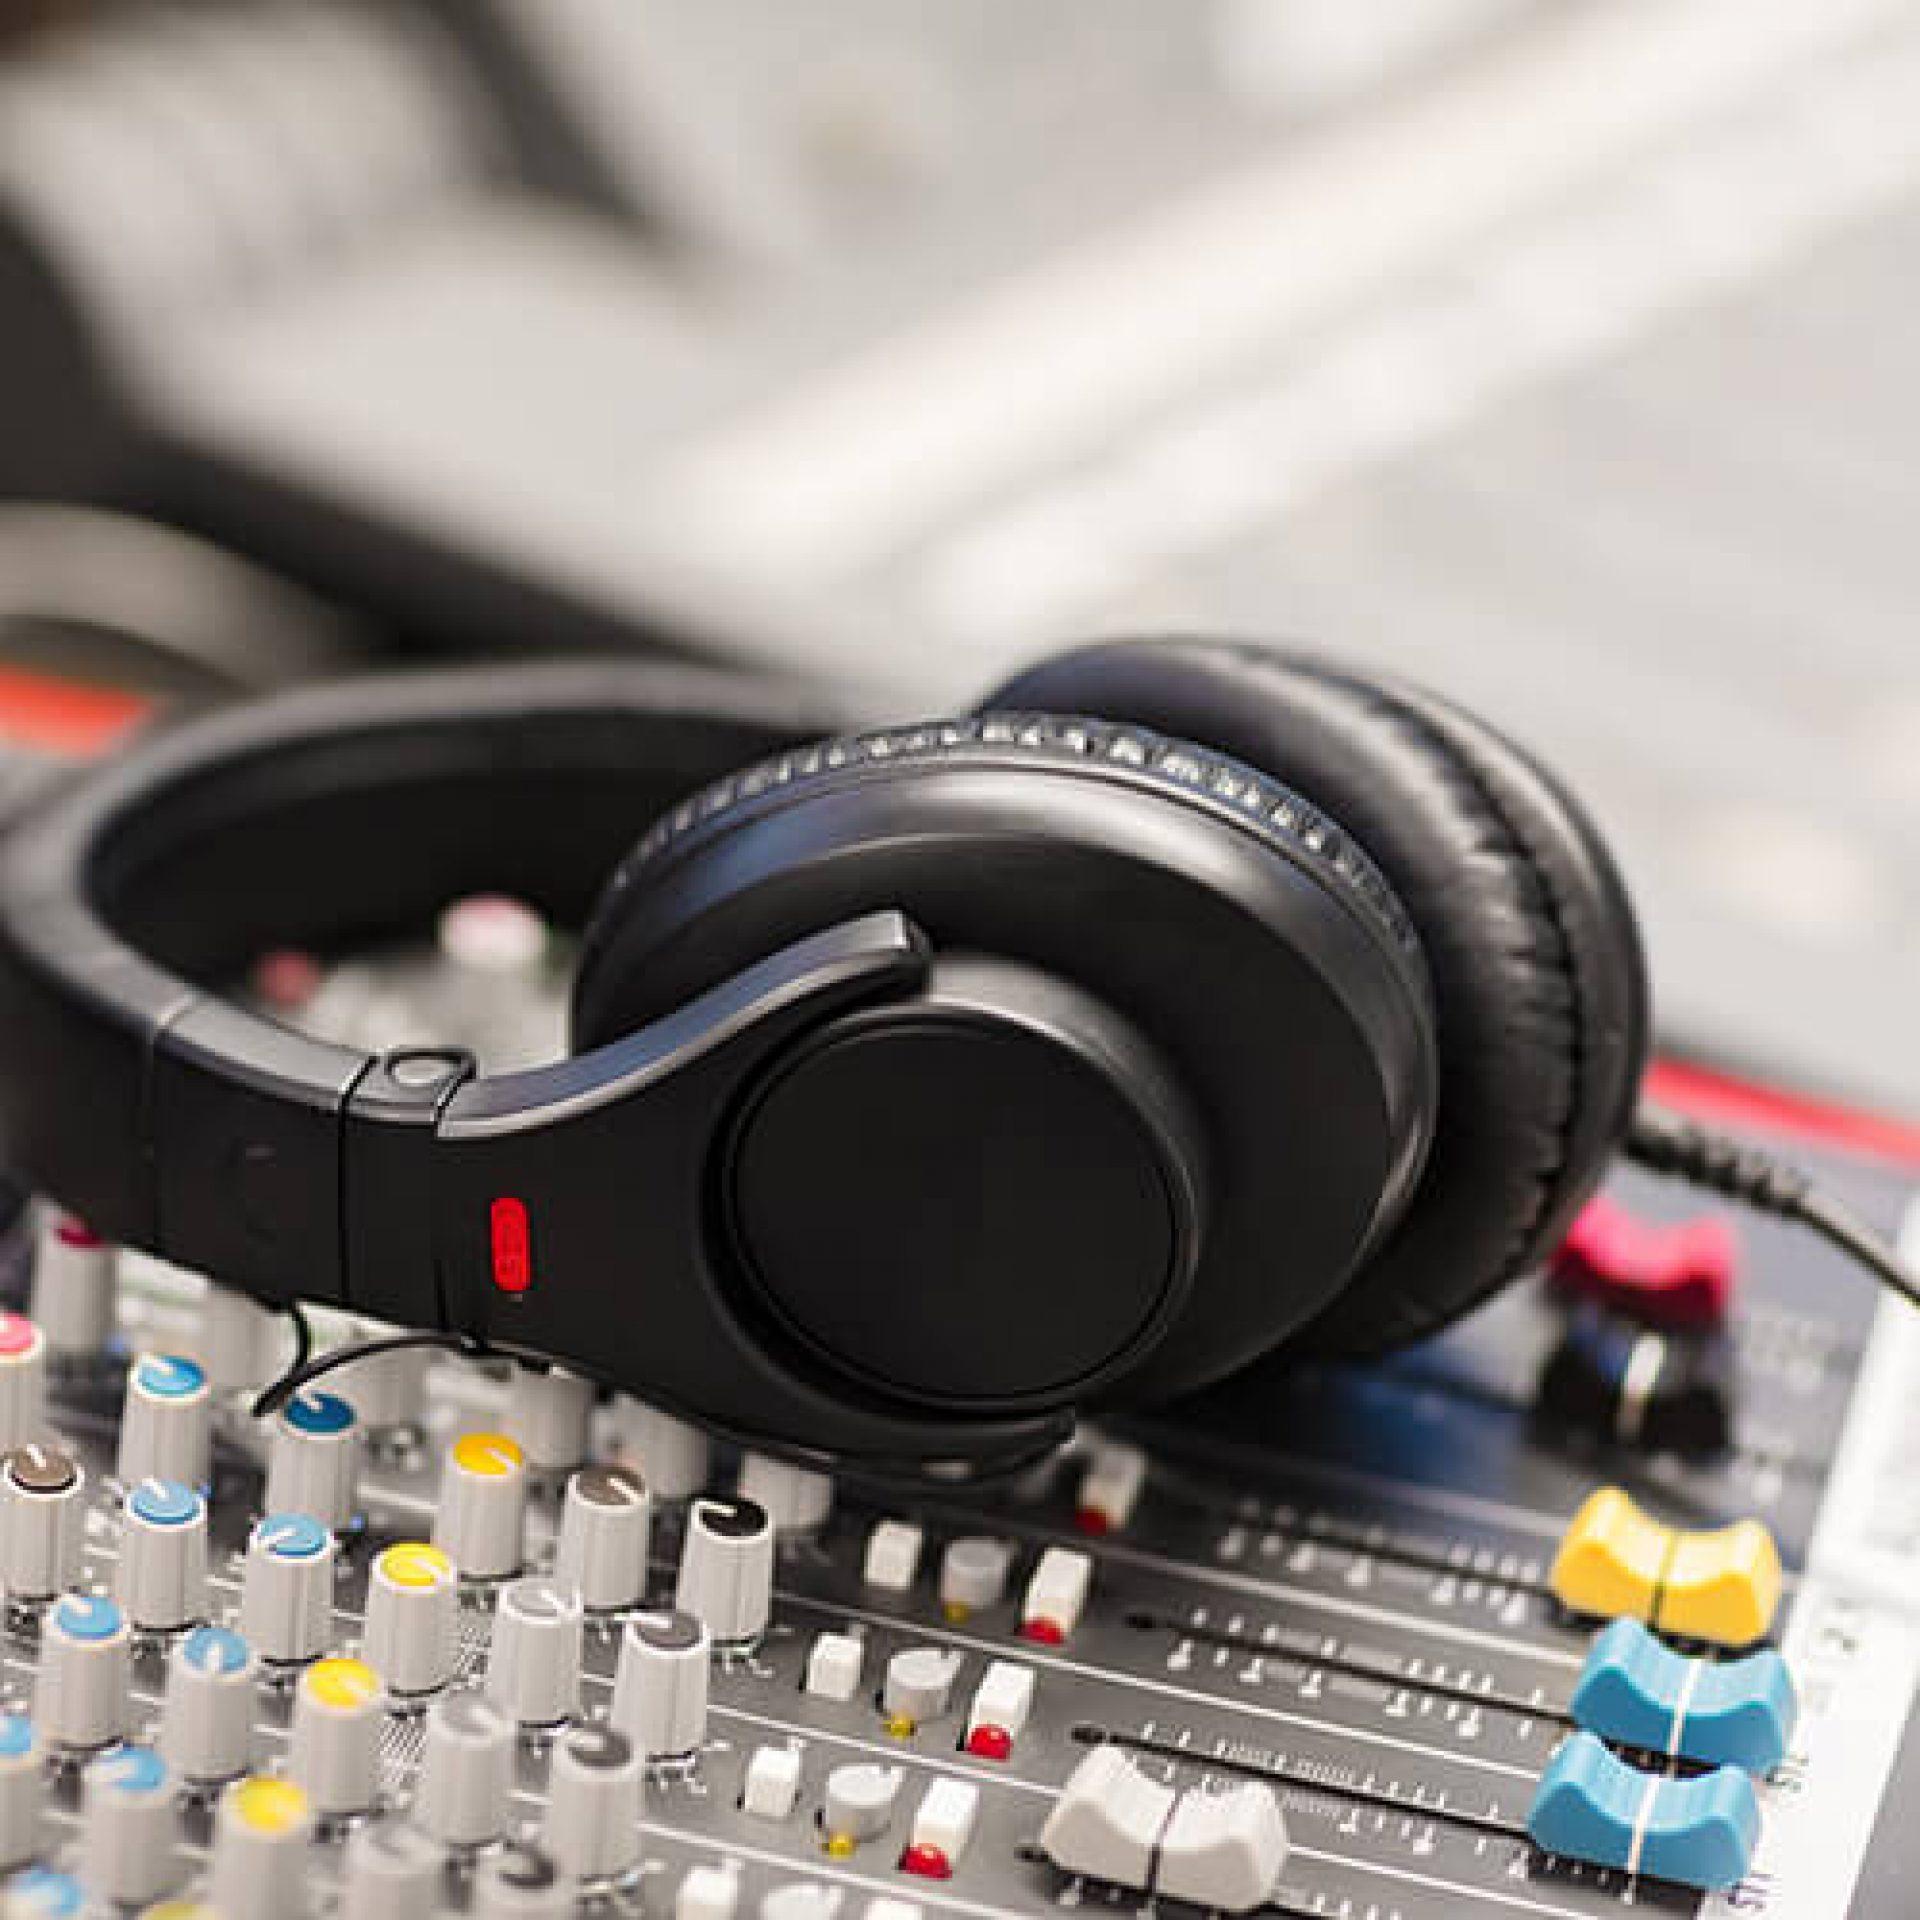 headphones-on-sound-mixer-in-professional-radio-st-PCZDYHM